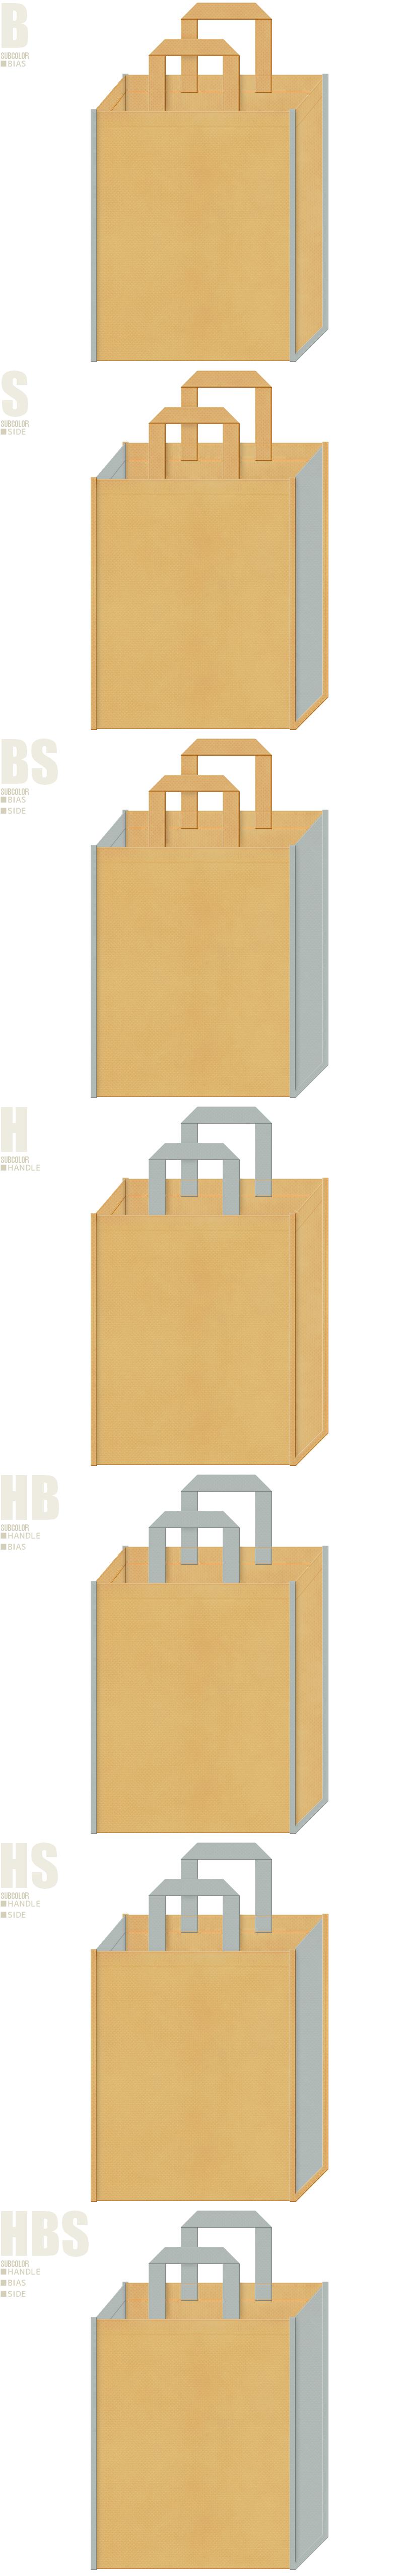 アウター・セーター・Tシャツ・ニット・秋冬ファッションの展示会用バッグにお奨めの不織布バッグのデザイン:薄黄土色とグレー色の配色7パターン